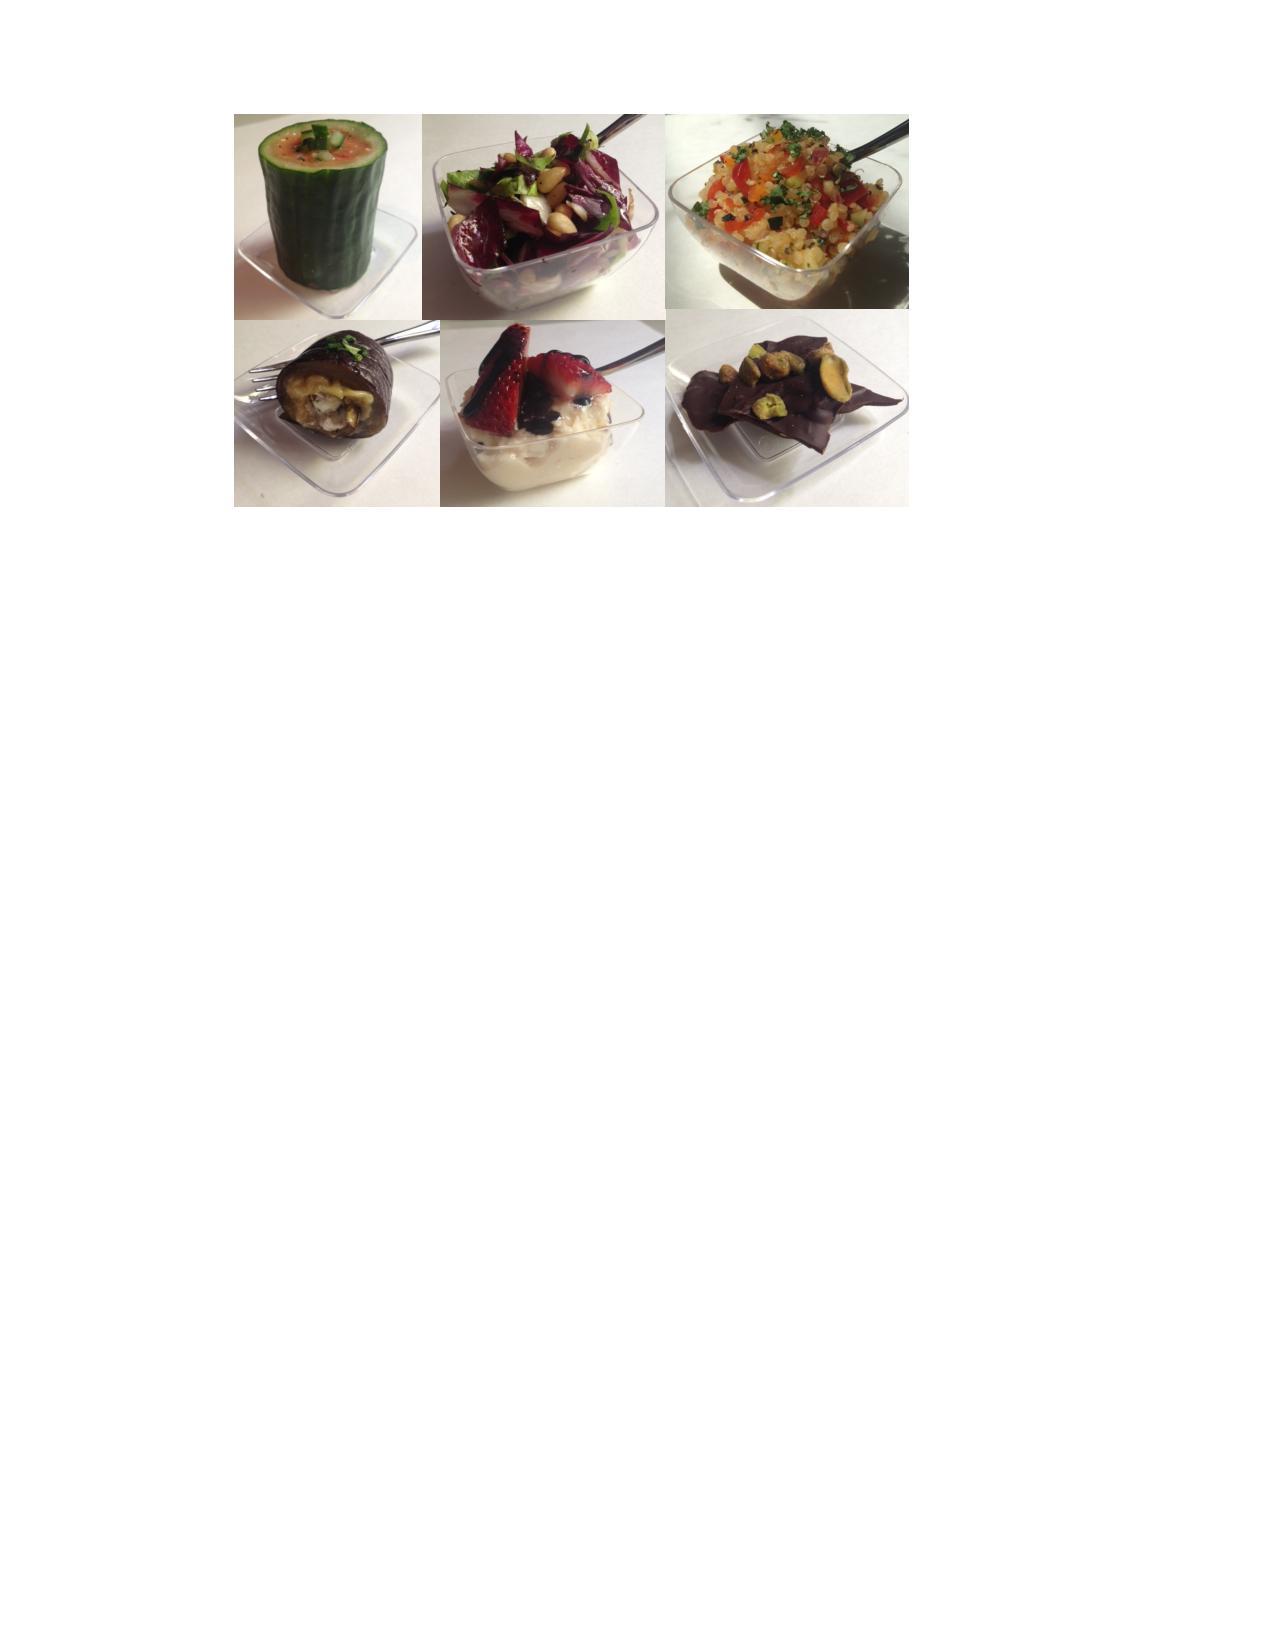 Food Tasting Collage